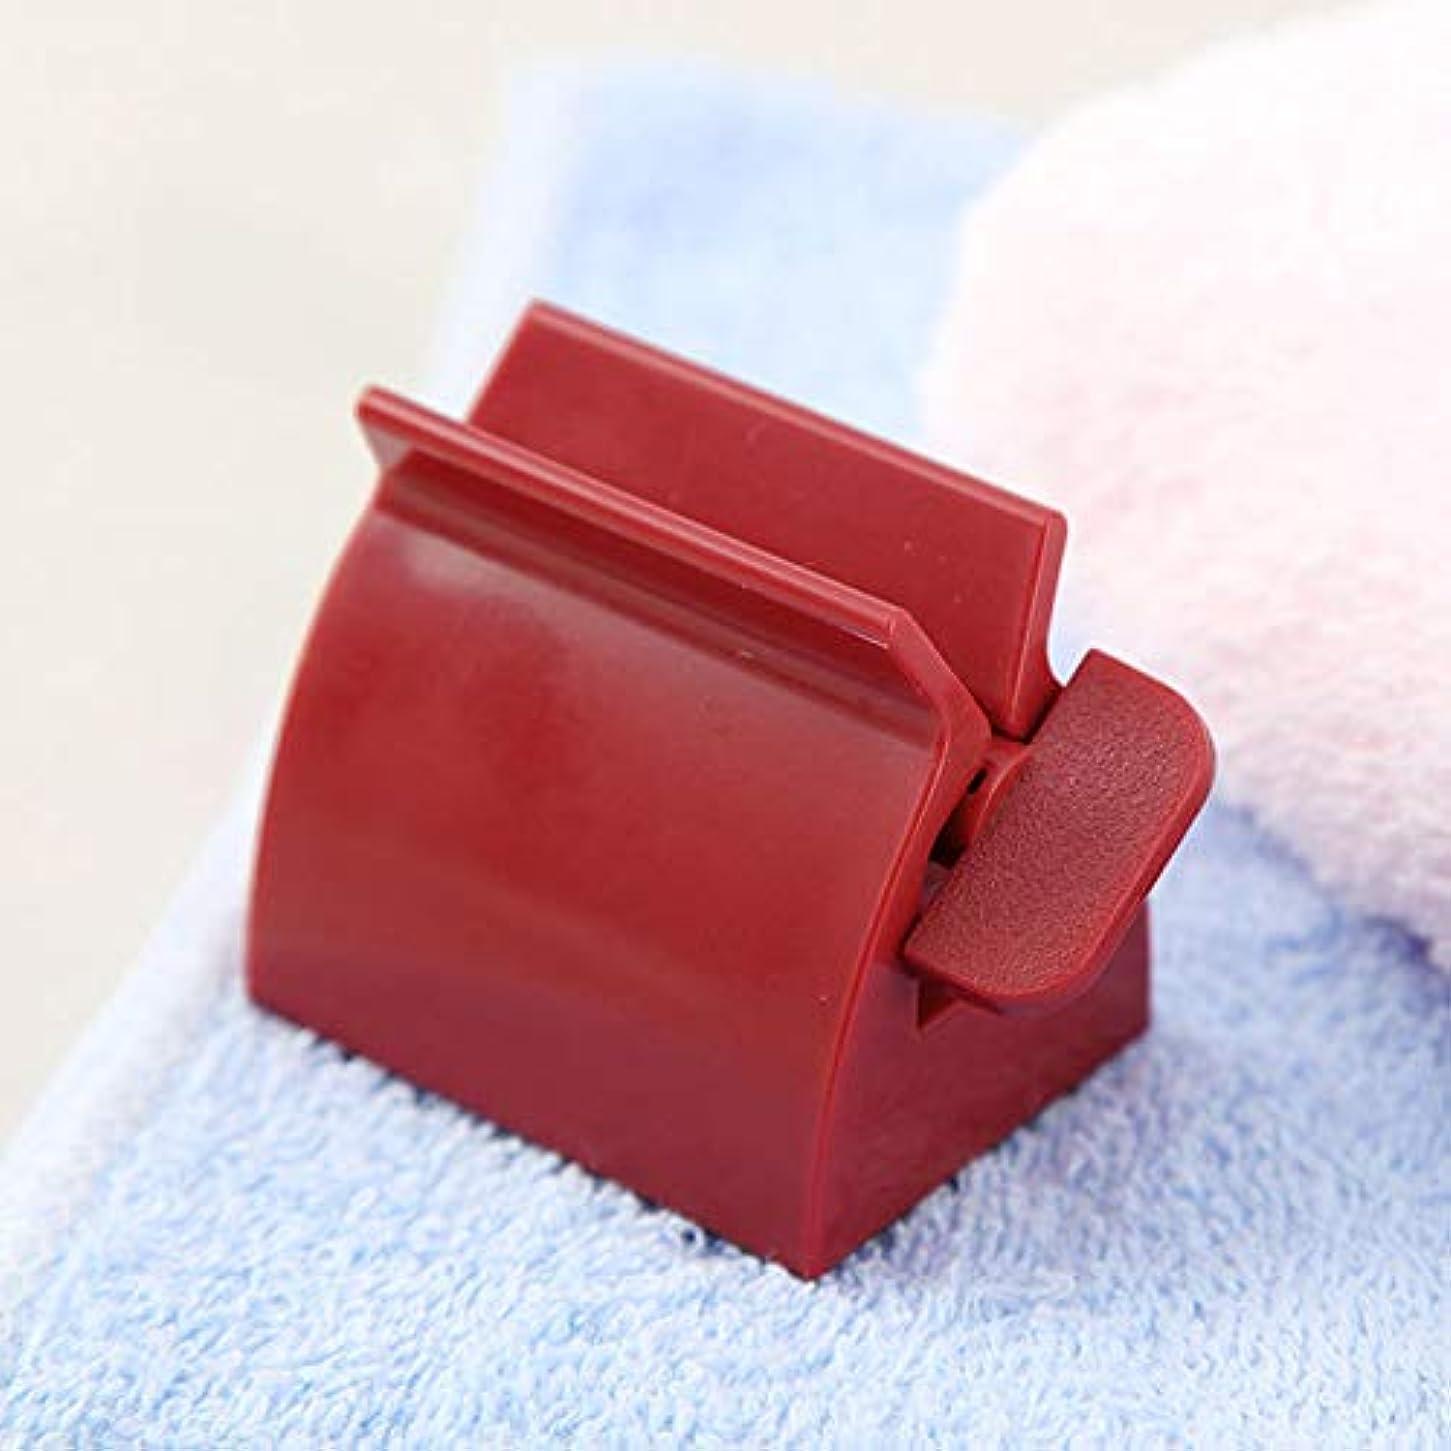 有効な個人的な掃除SODAOA屋 手動歯磨き粉スクイーザ 歯磨き粉 ホルダー バスルーム洗顔料 化粧品 クリーム ハンドクリーム 節約 ローリングチューブスクイーザー便利 練り歯磨きスクイーザー 多機能 (レッド)